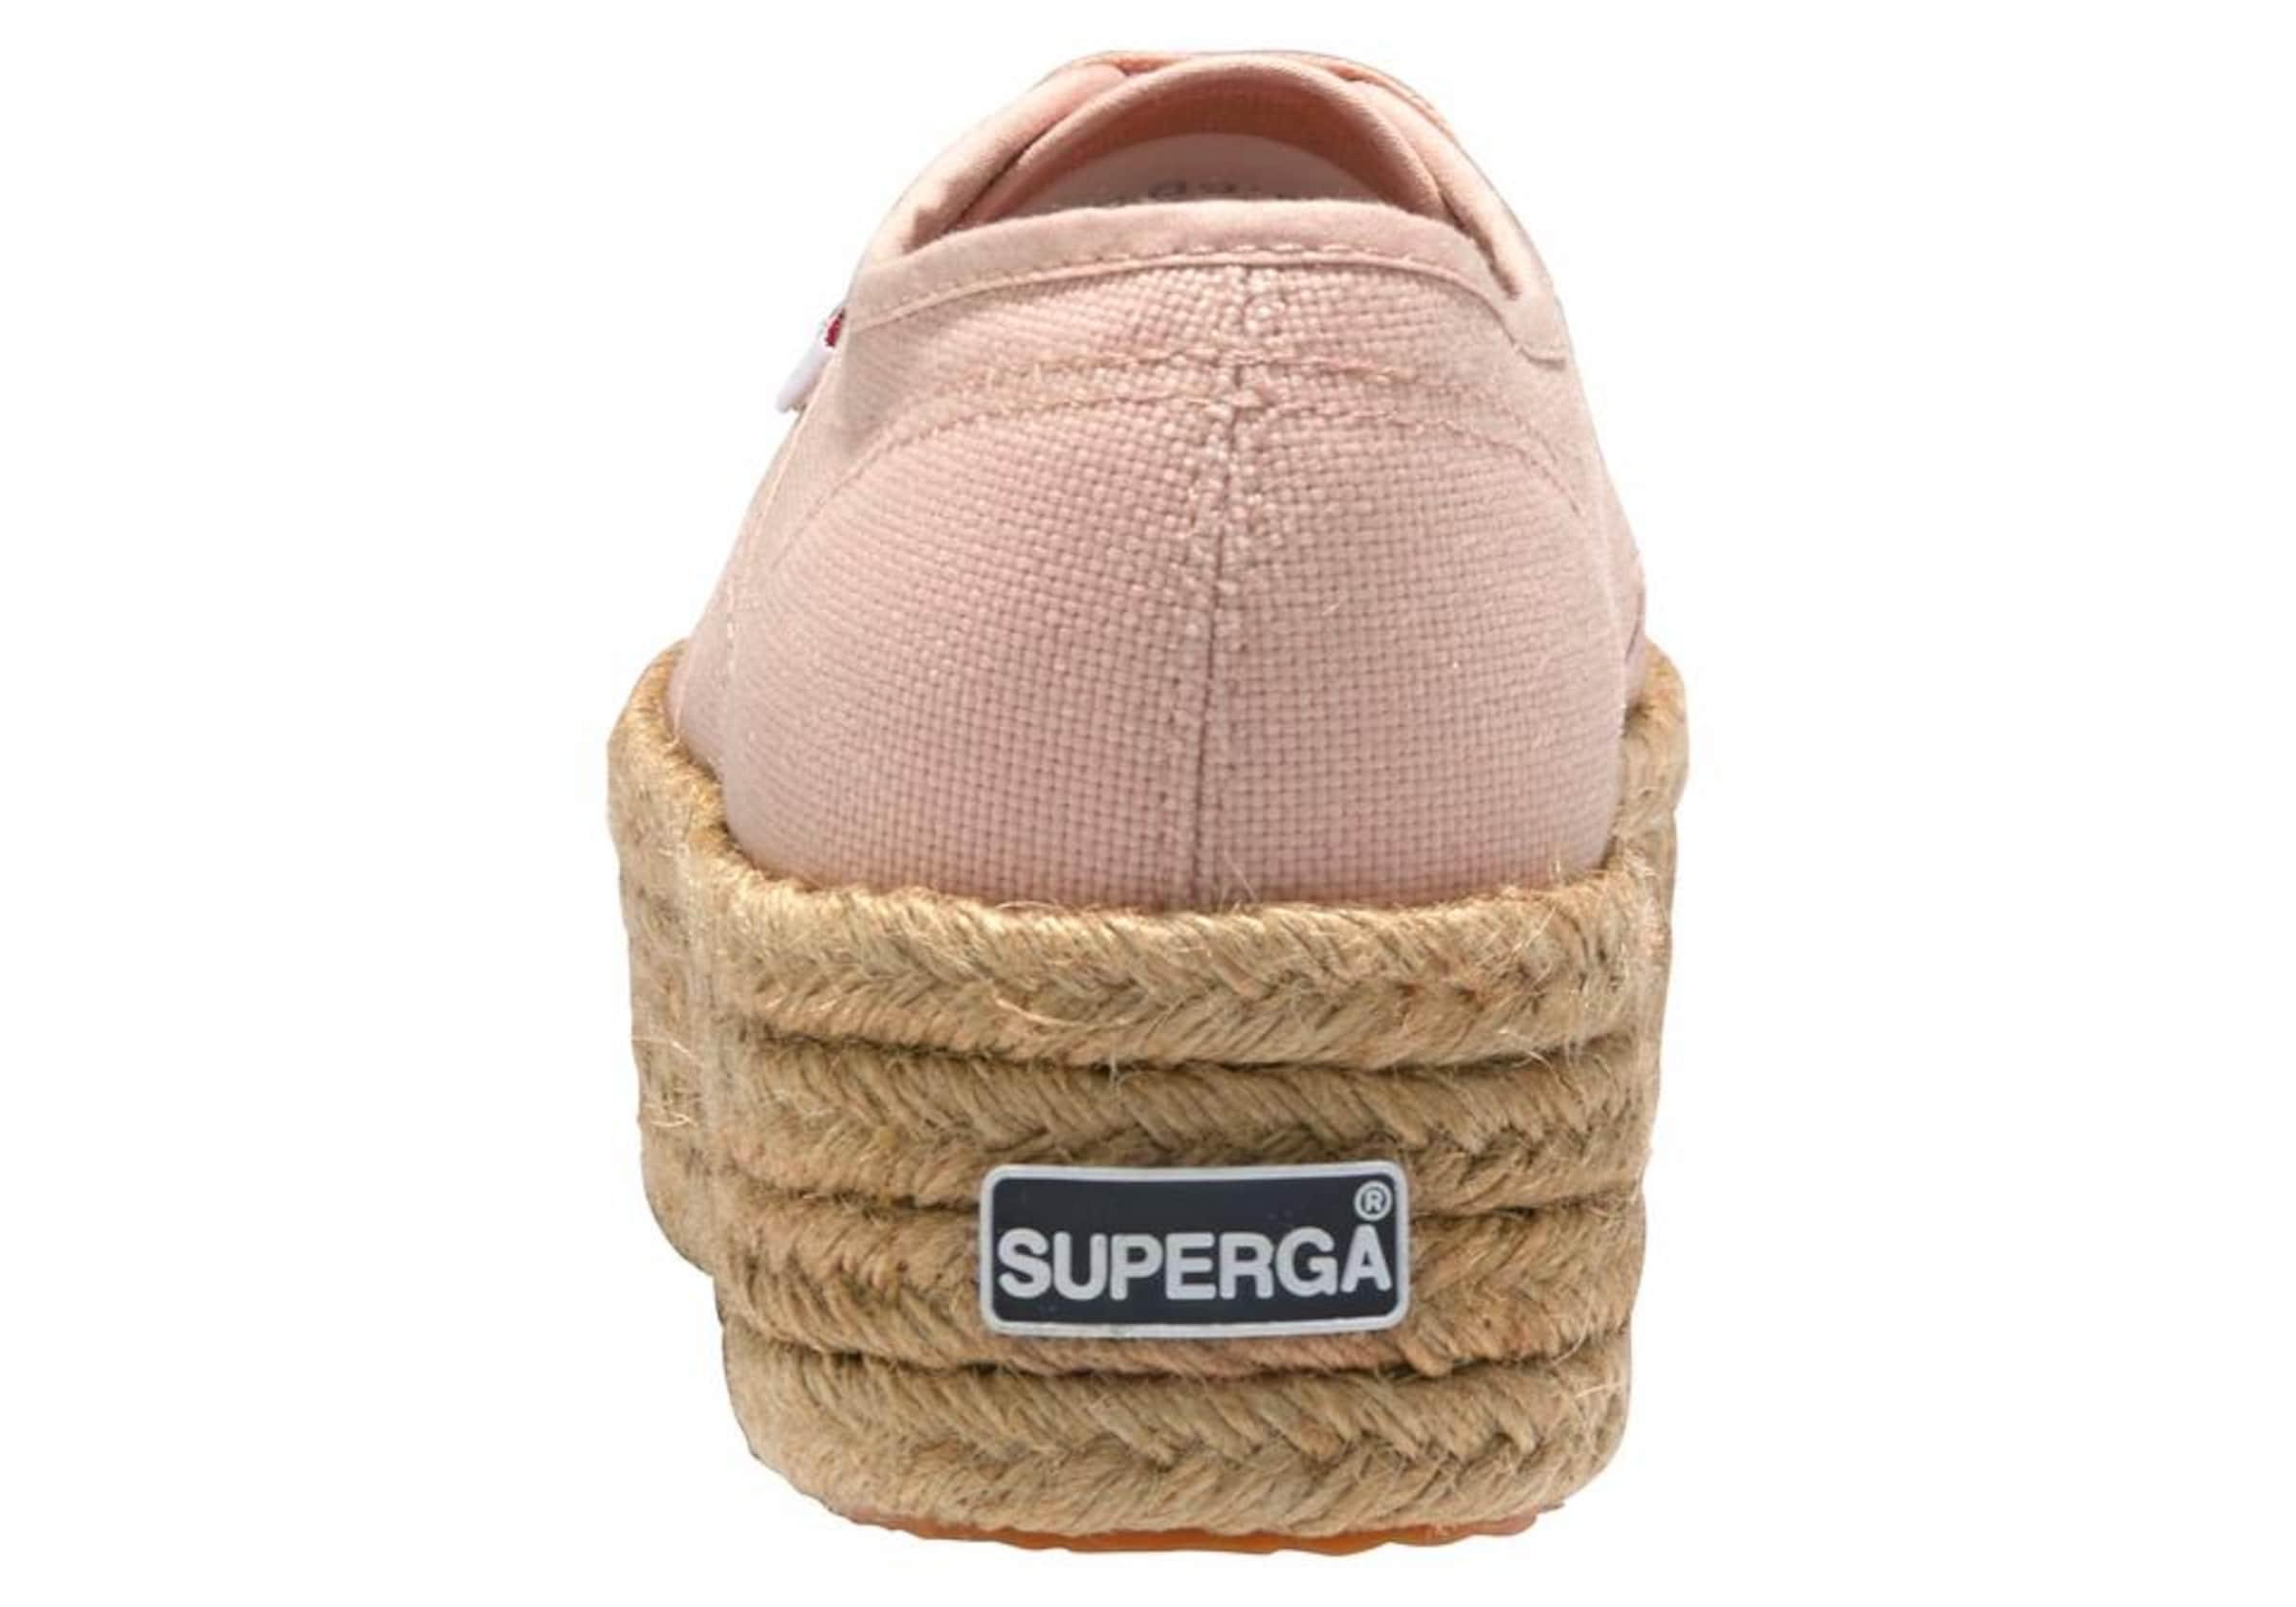 SUPERGA Sneaker '2790 - COTROPEW' mit Jute-Plateau Outlet-Store Verkauf 100% Authentisch Günstig Kaufen Exklusiv VbSCt5vp